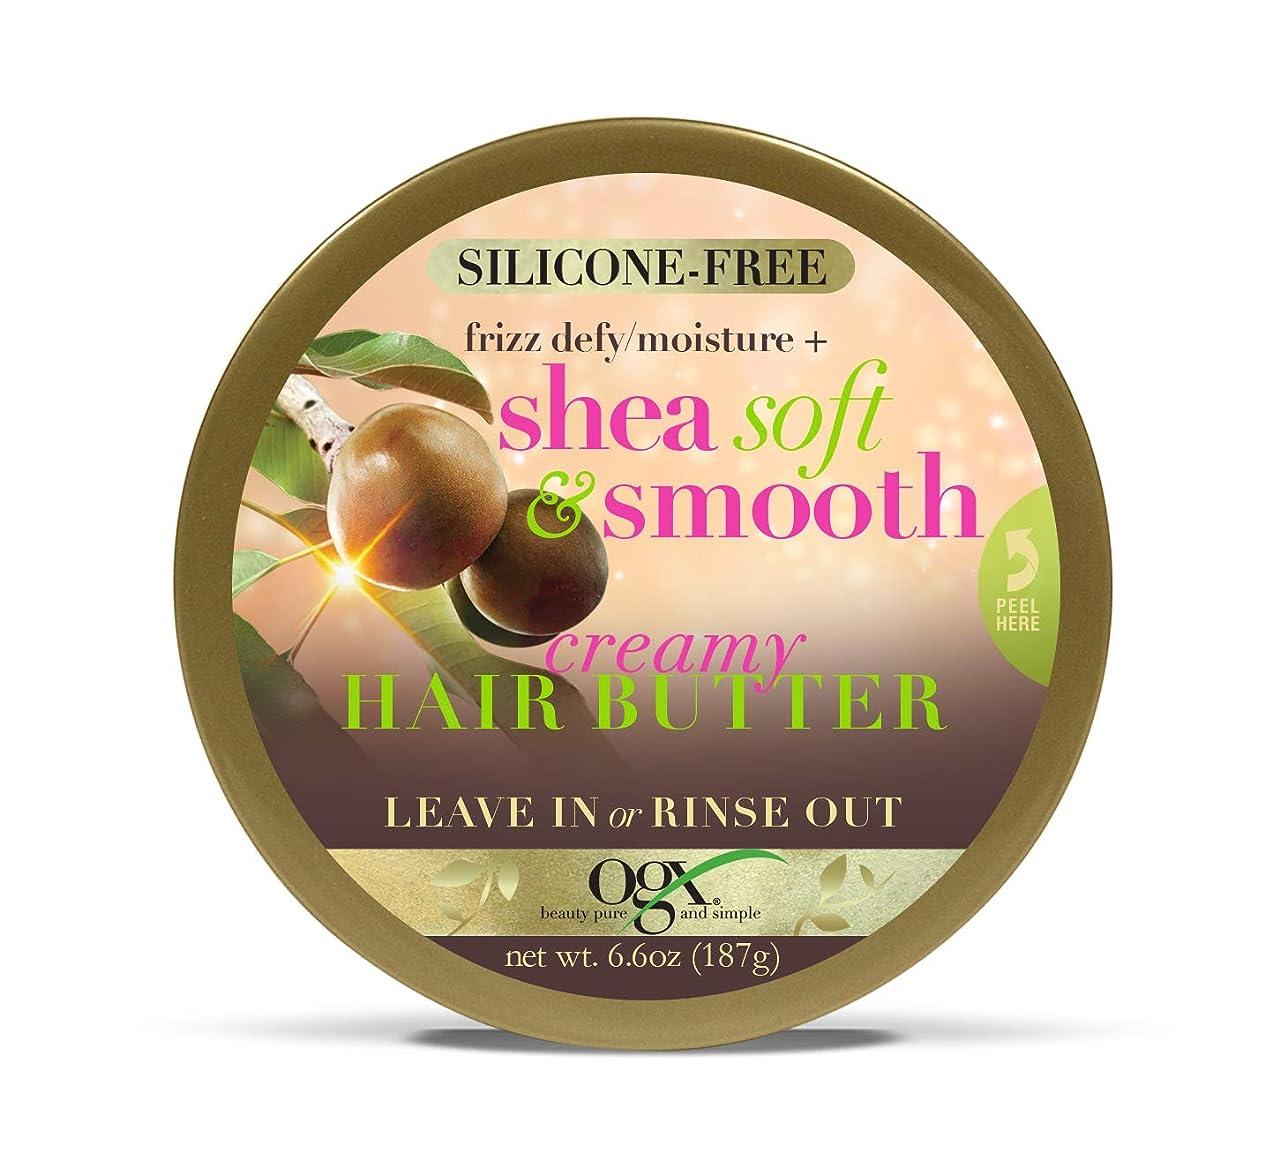 効率副セッティングOGX Frizz Defy Moisture Plusソフト&スムースクリーミーヘアバター、187 g